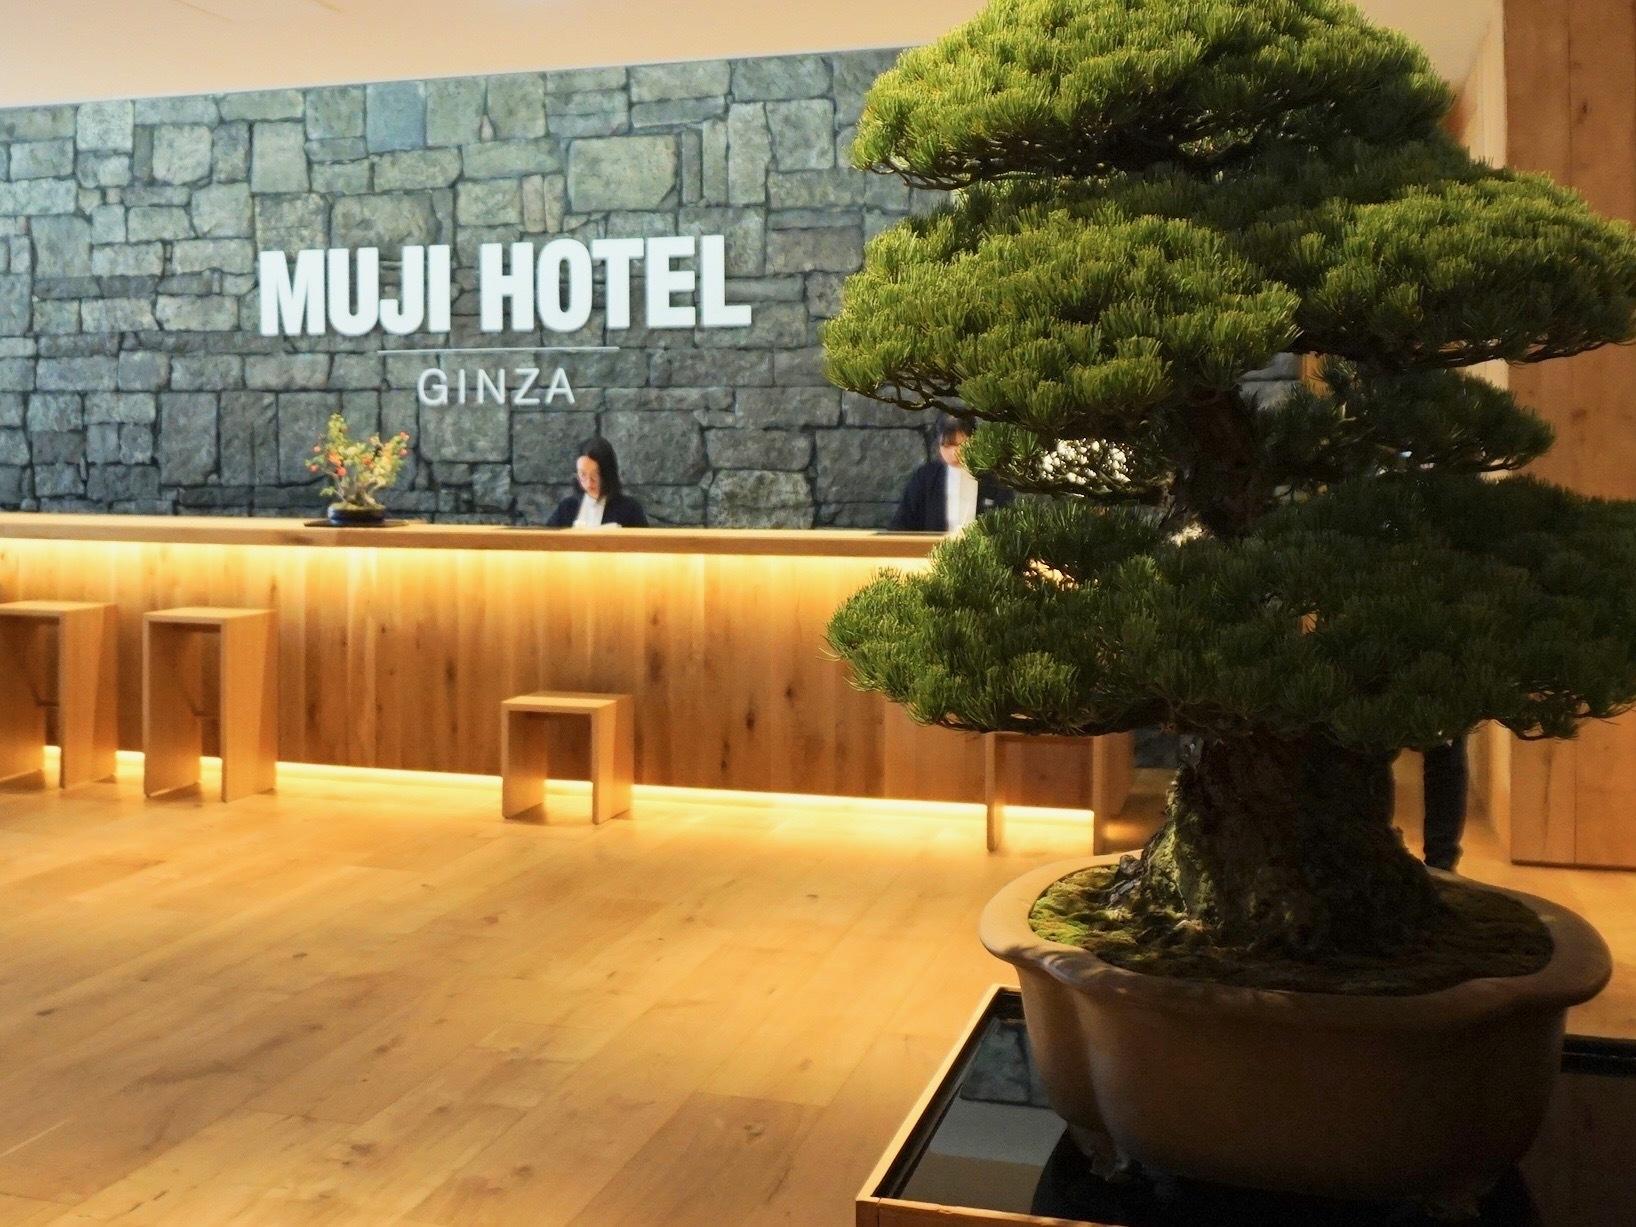 日本初上陸!【MUJI HOTEL】東京・銀座にオープンした無印良品ホテルを探検